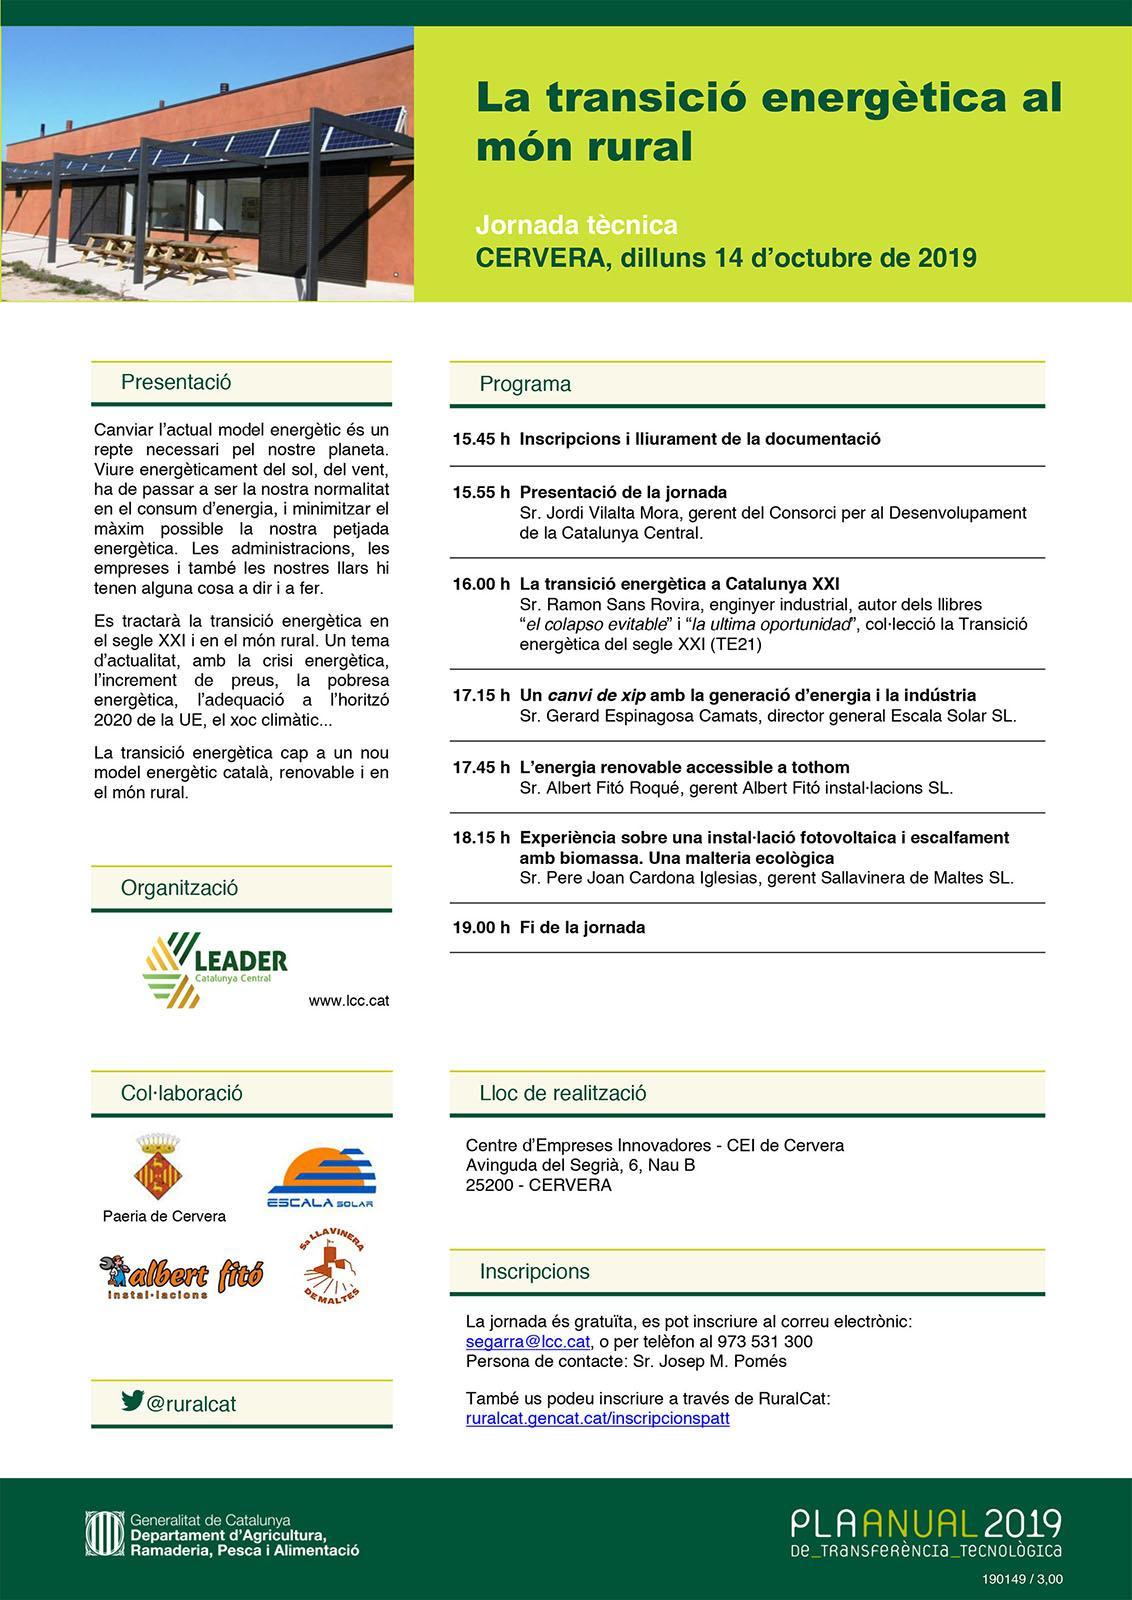 Jornada Tècnica 'La Transició energètica al món rural'